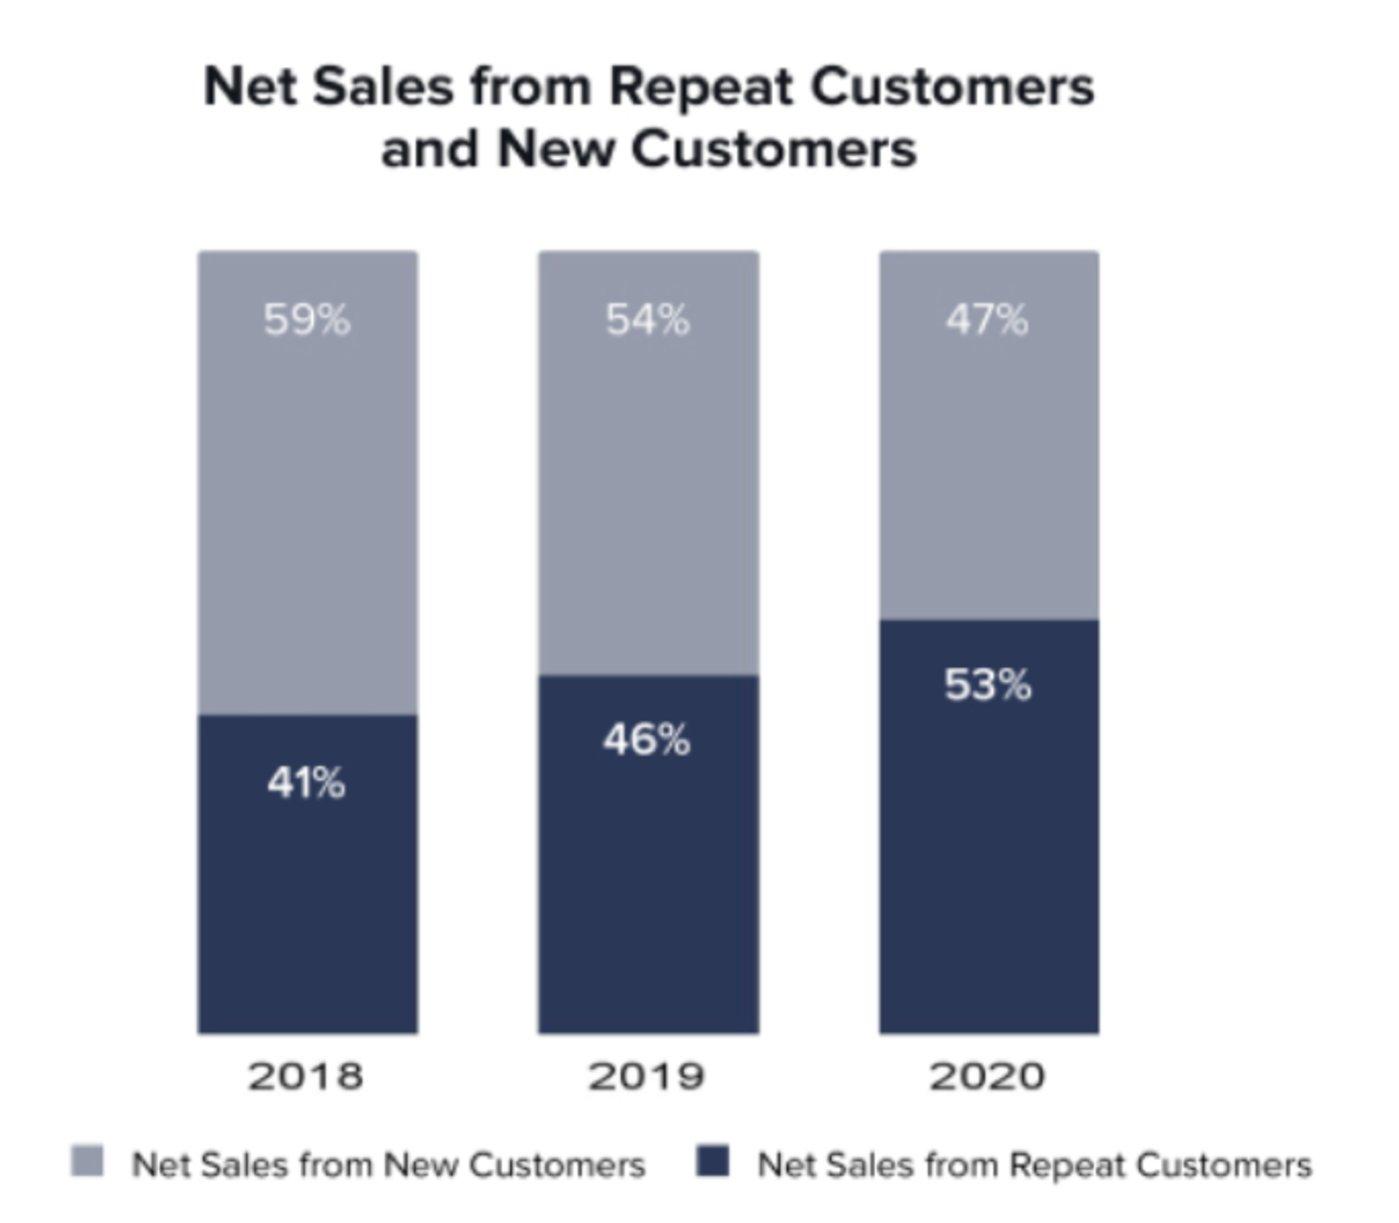 浅蓝色为新客销售占比,深蓝色为老客销售占比,2020年老客销售占比首次超过新客